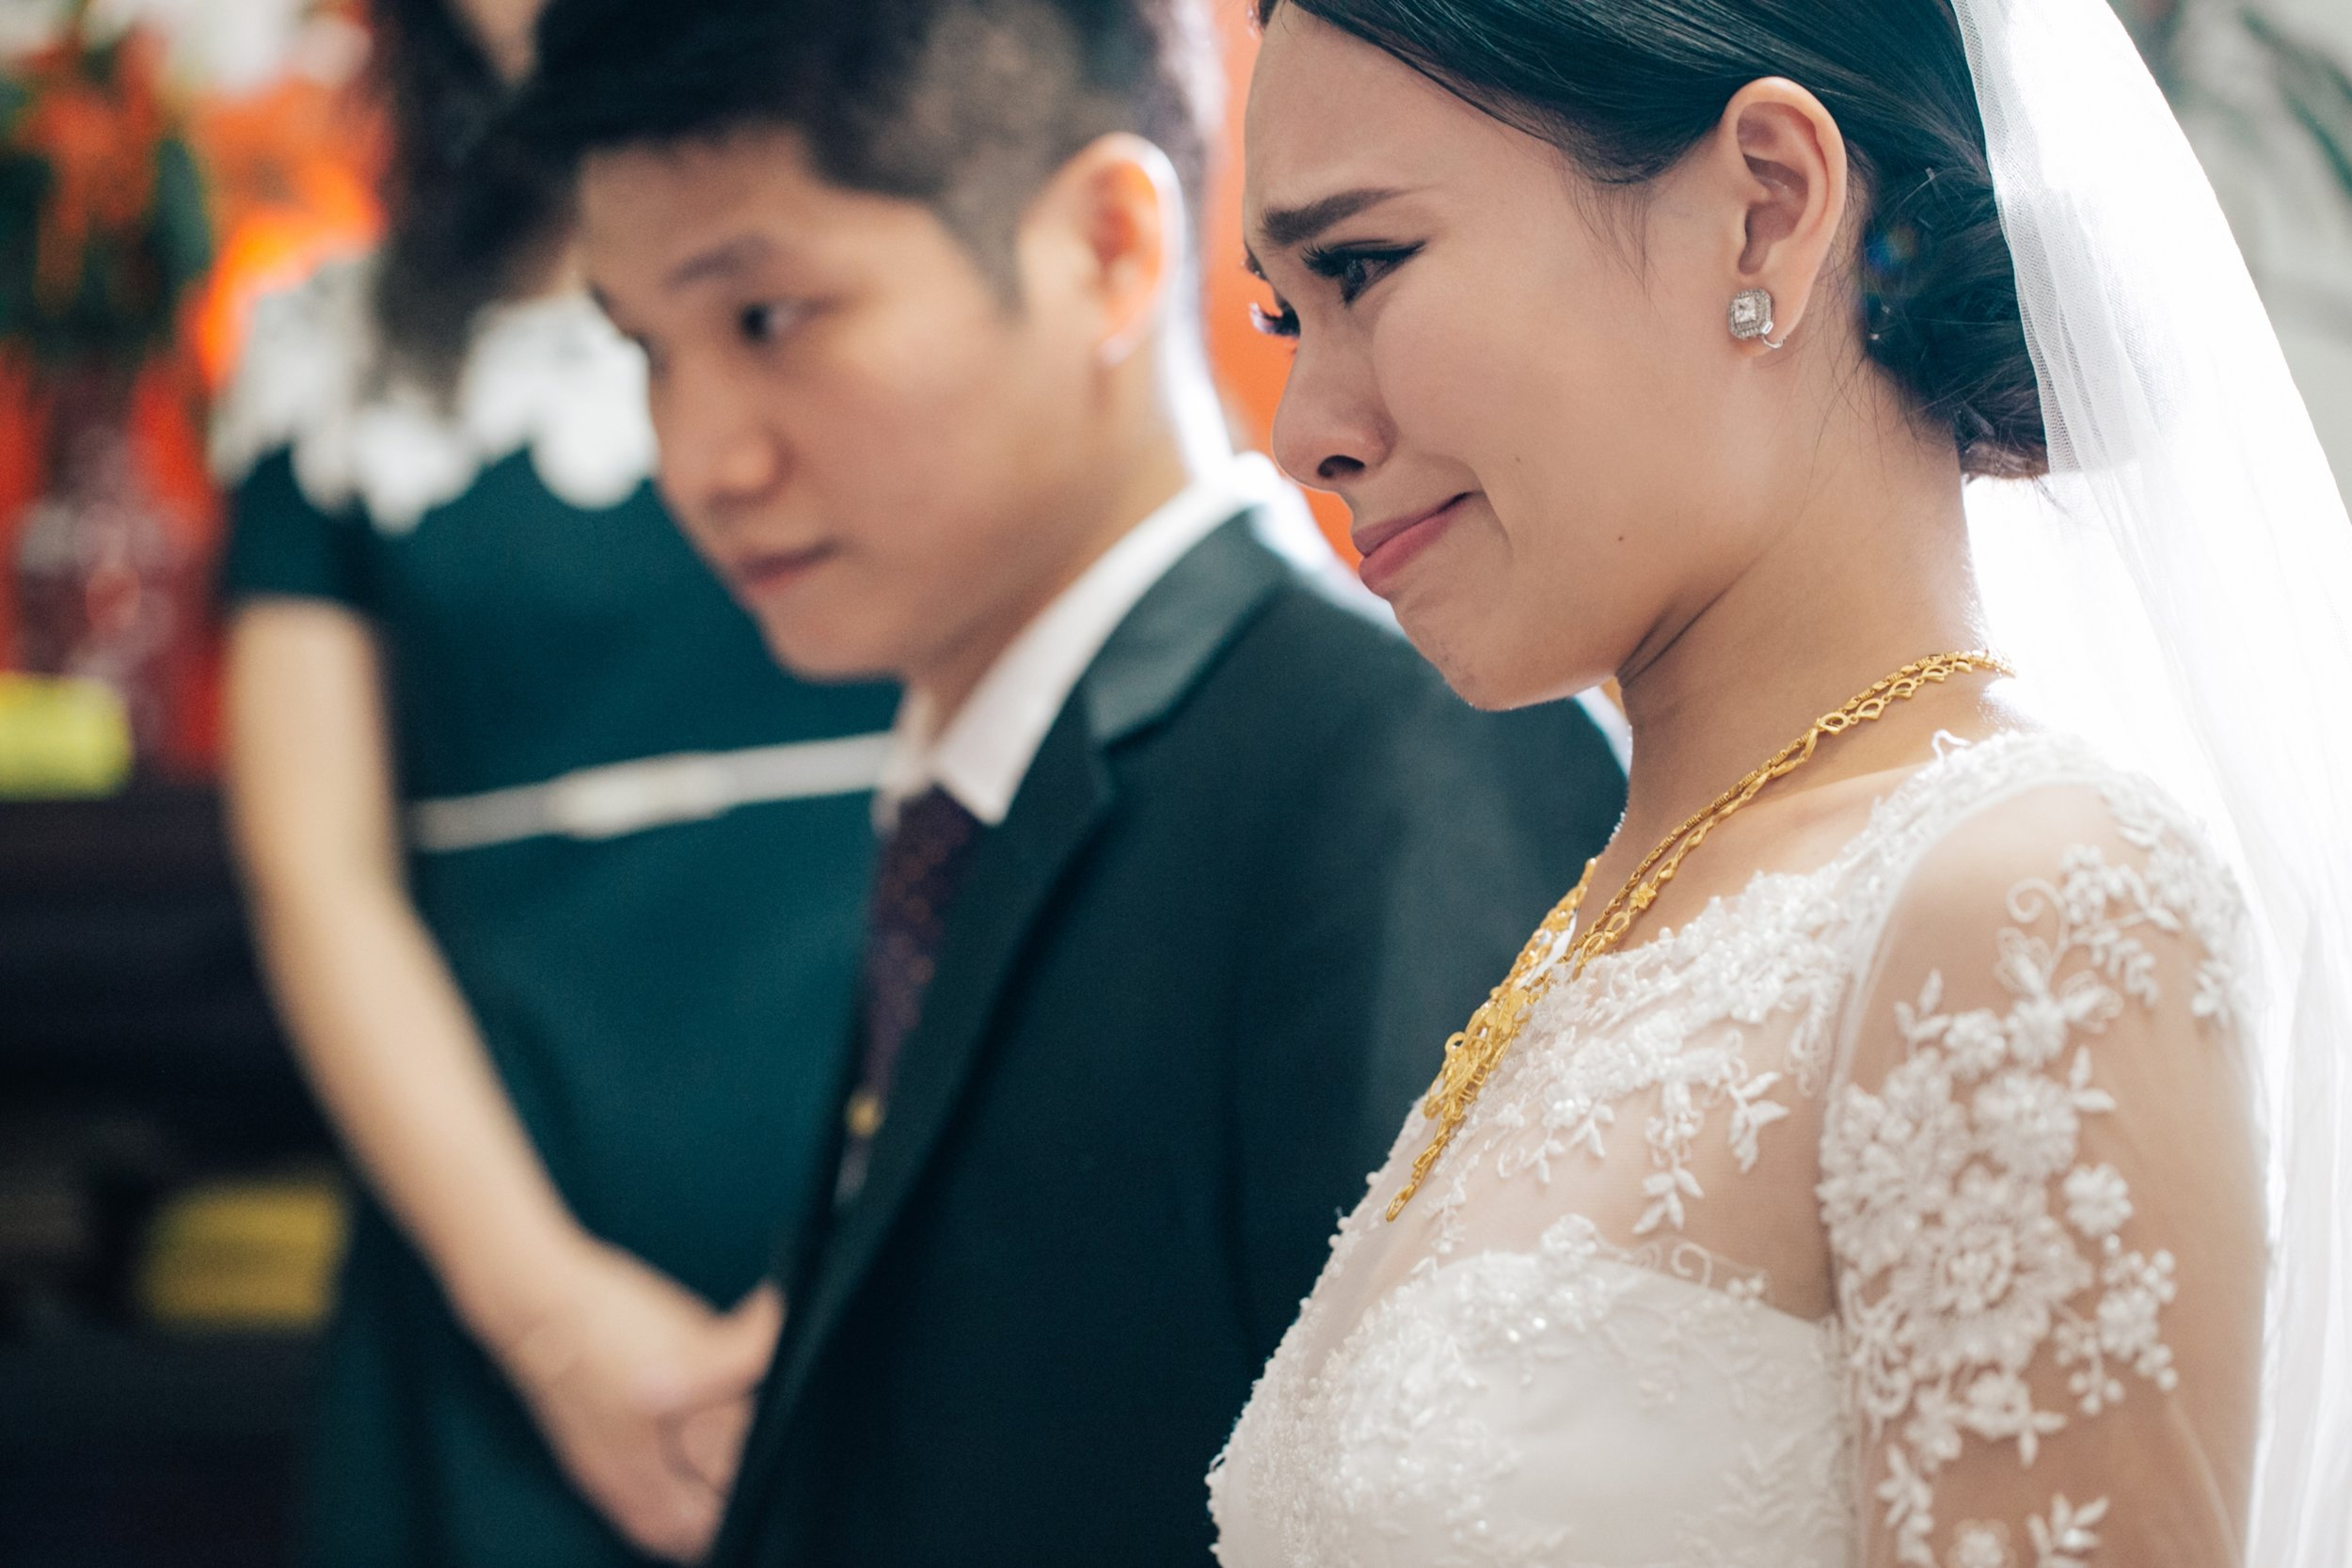 婚禮紀實-karen-ching-wedding-長榮空服-文定迎娶晚宴-新莊典華-dinner-taipei_69.jpg